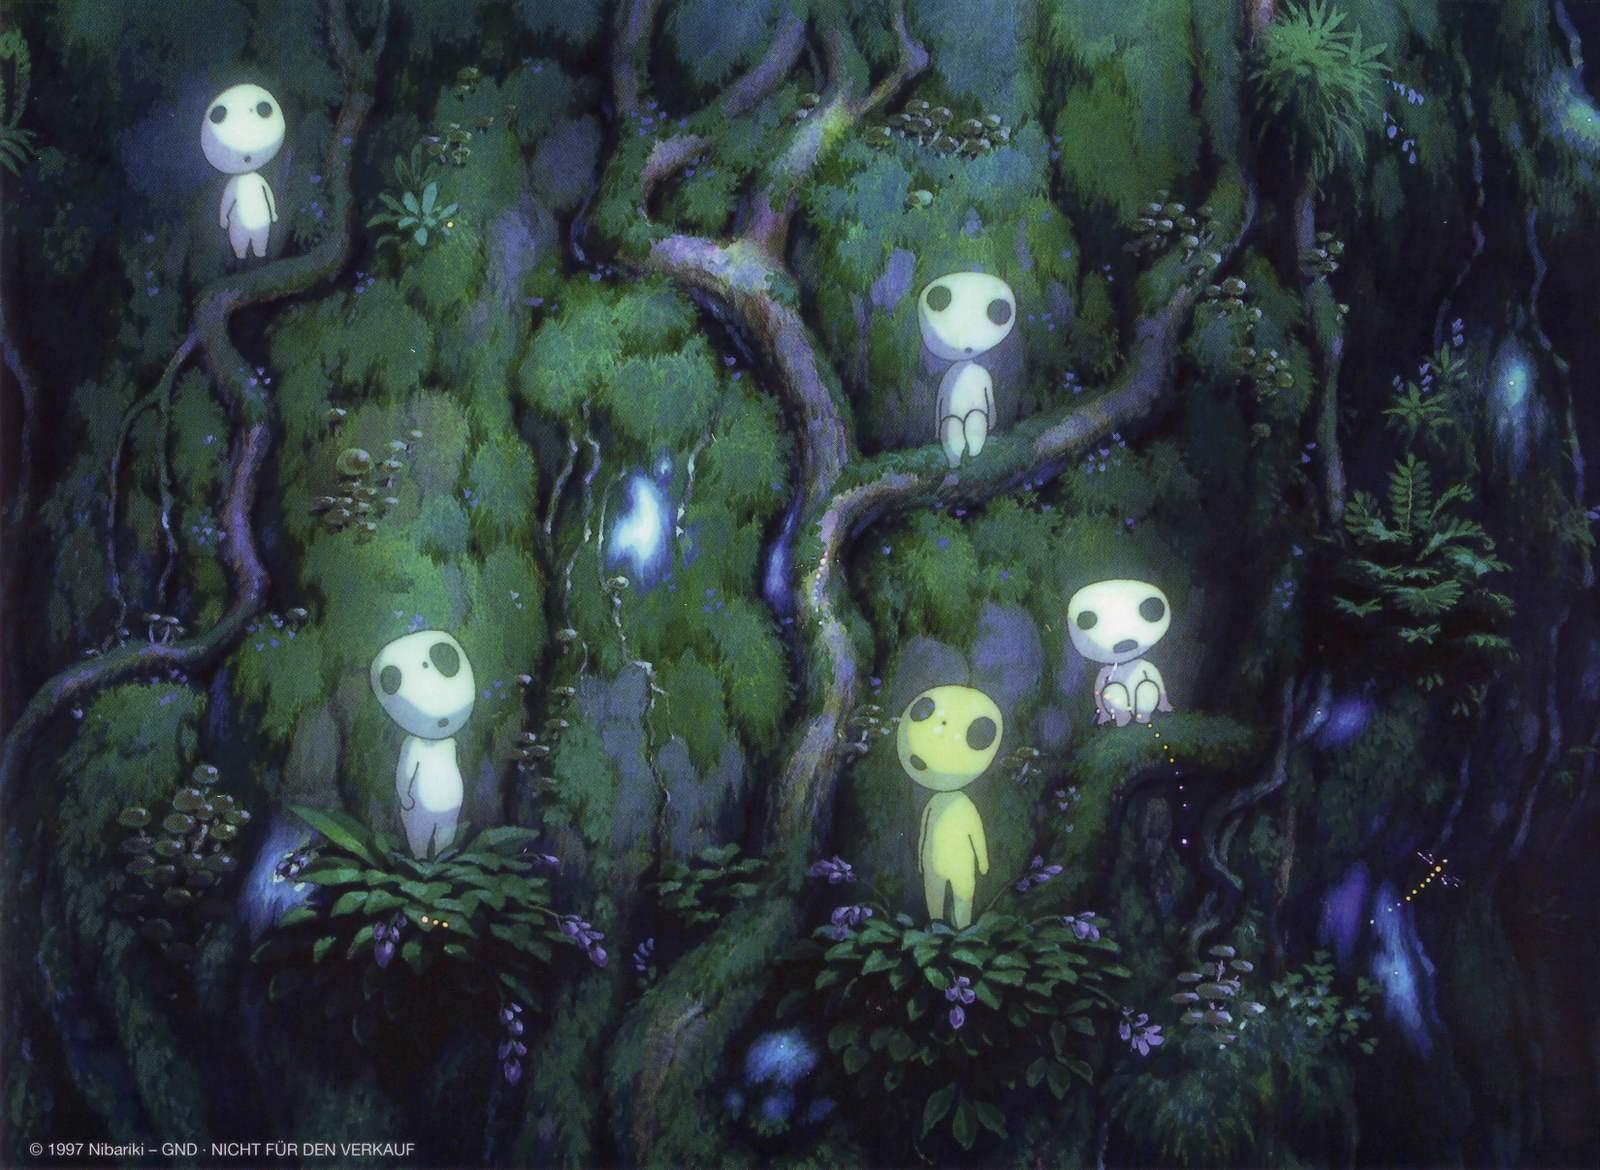 Princess mononoke my anime shelf - Mononoke anime wallpaper ...